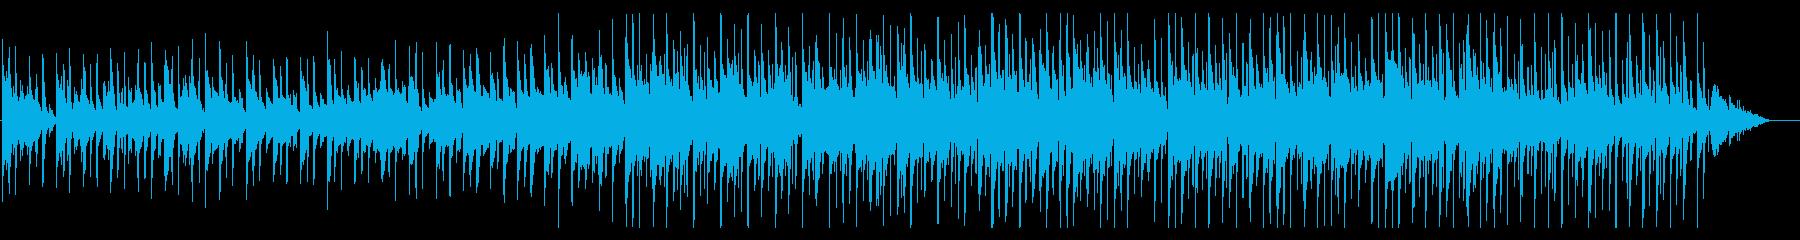 ハッピーバースデーのBGMの再生済みの波形